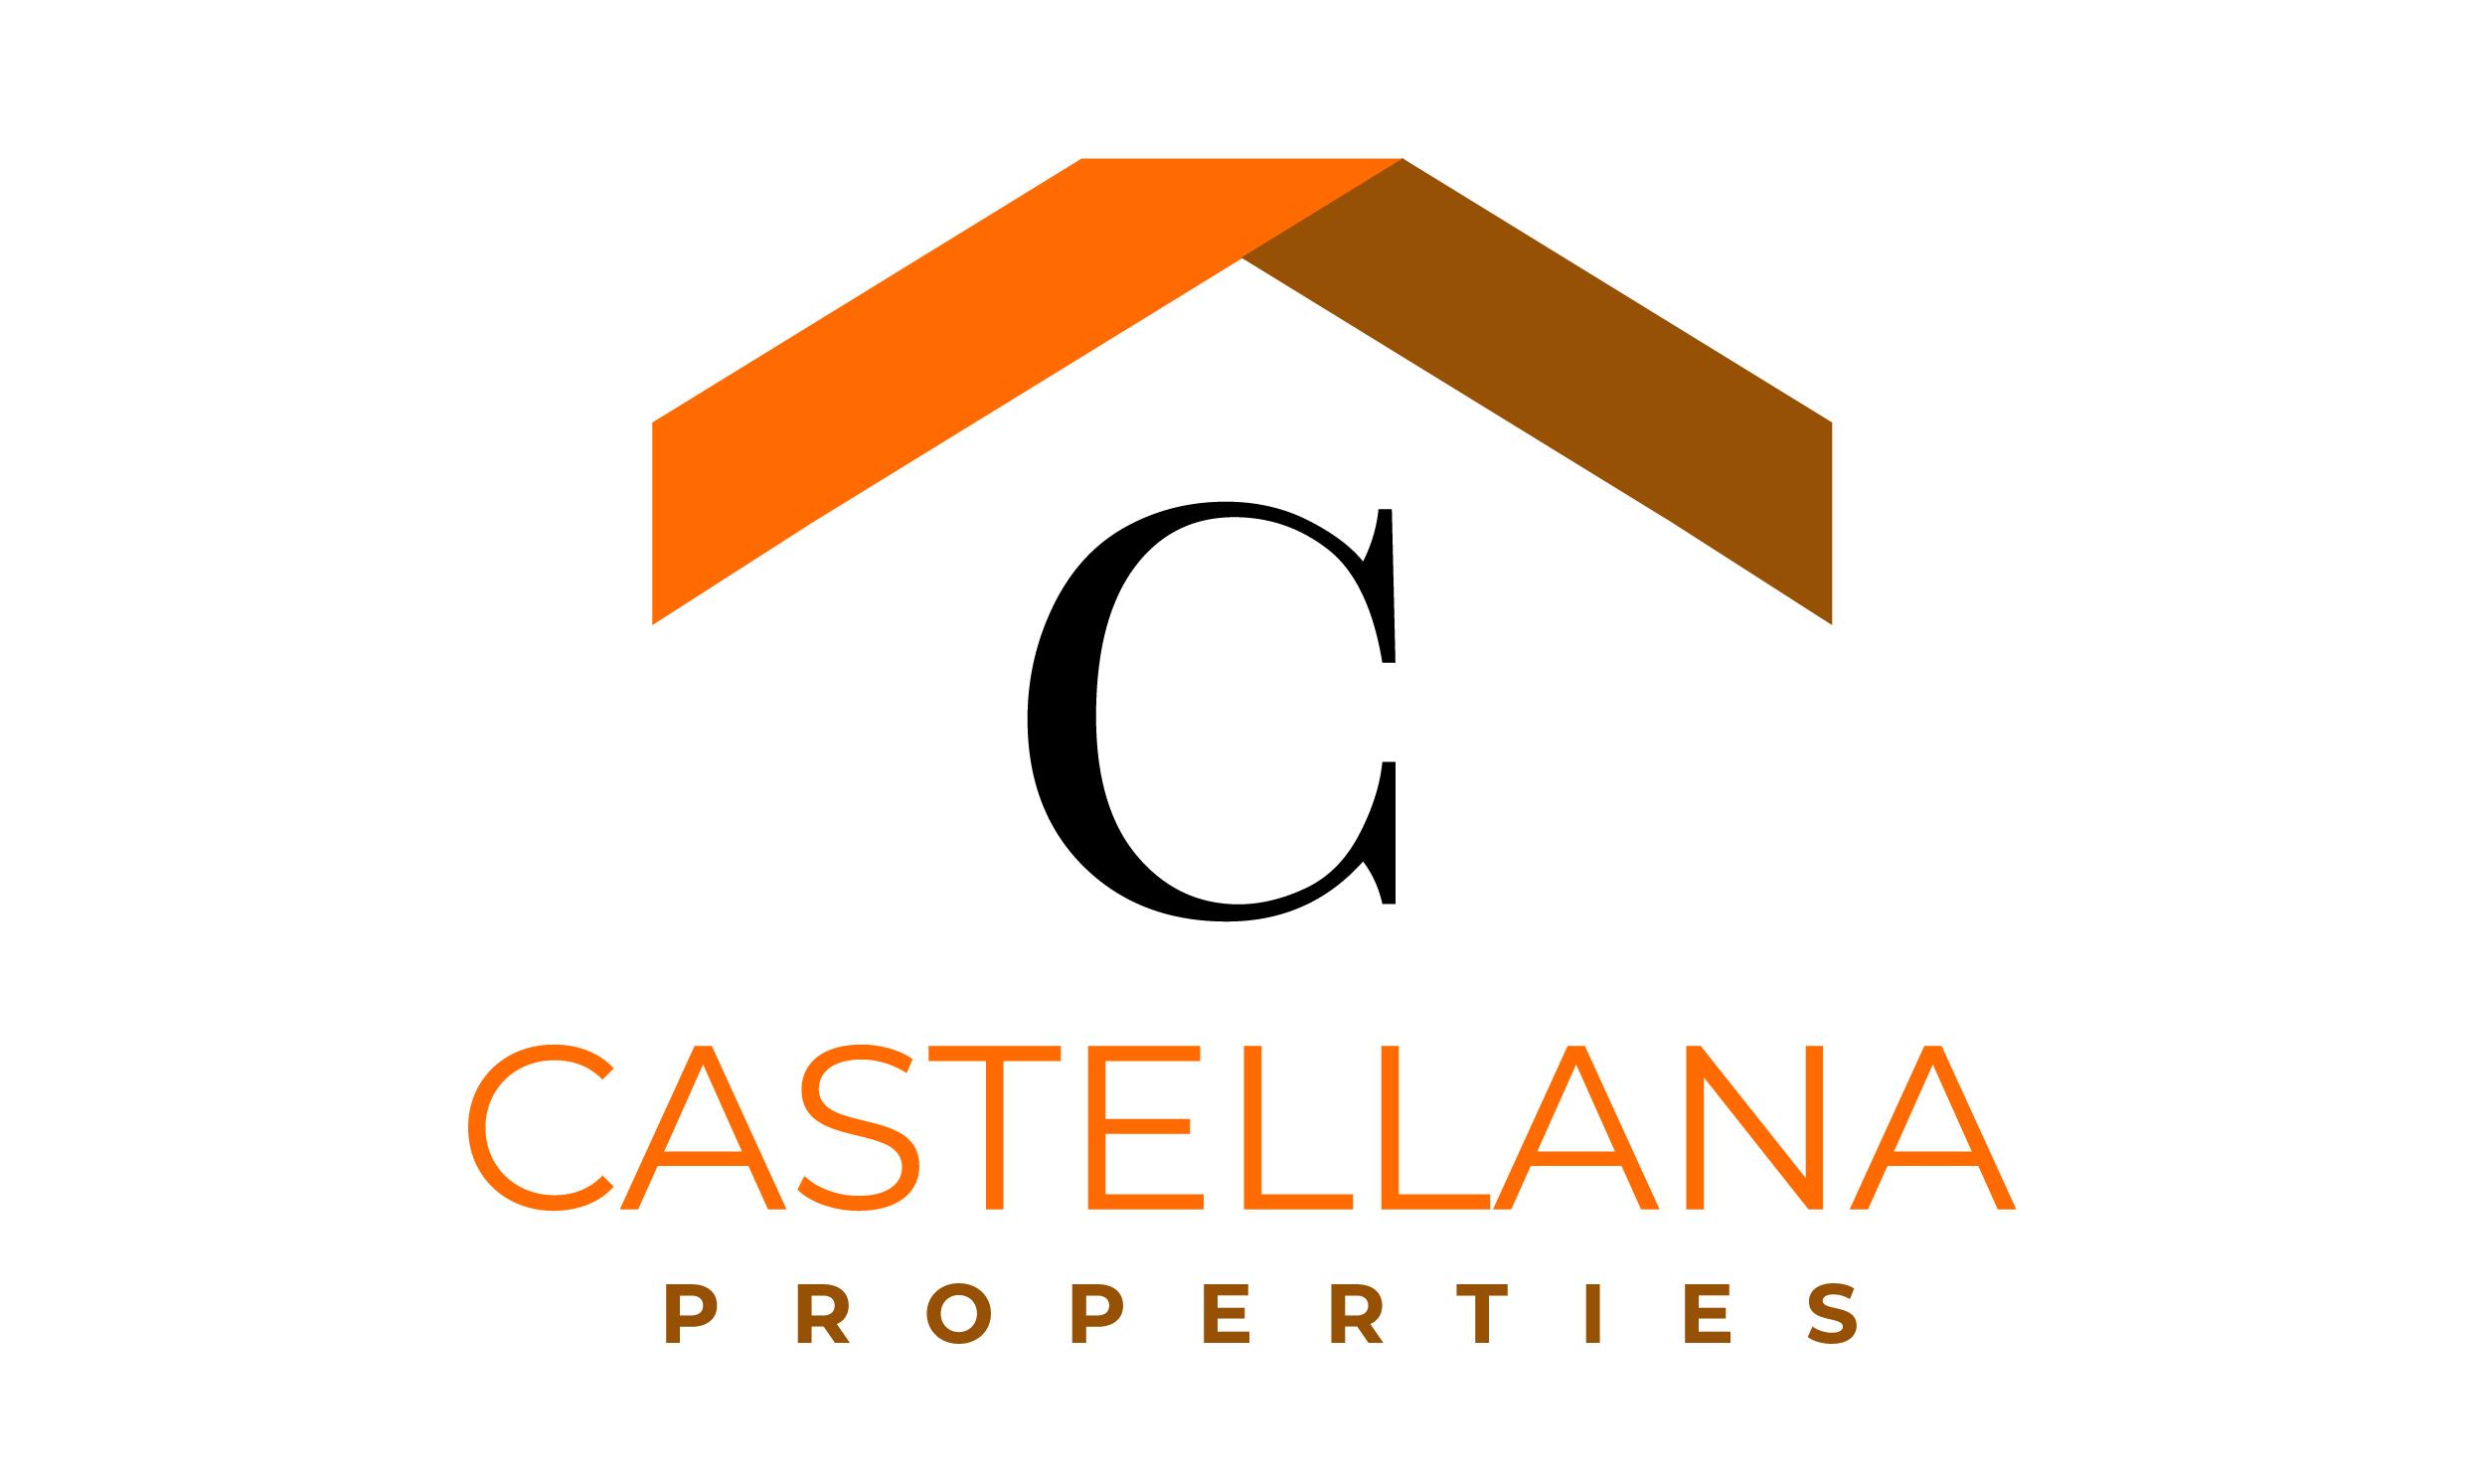 resultados castellana properties